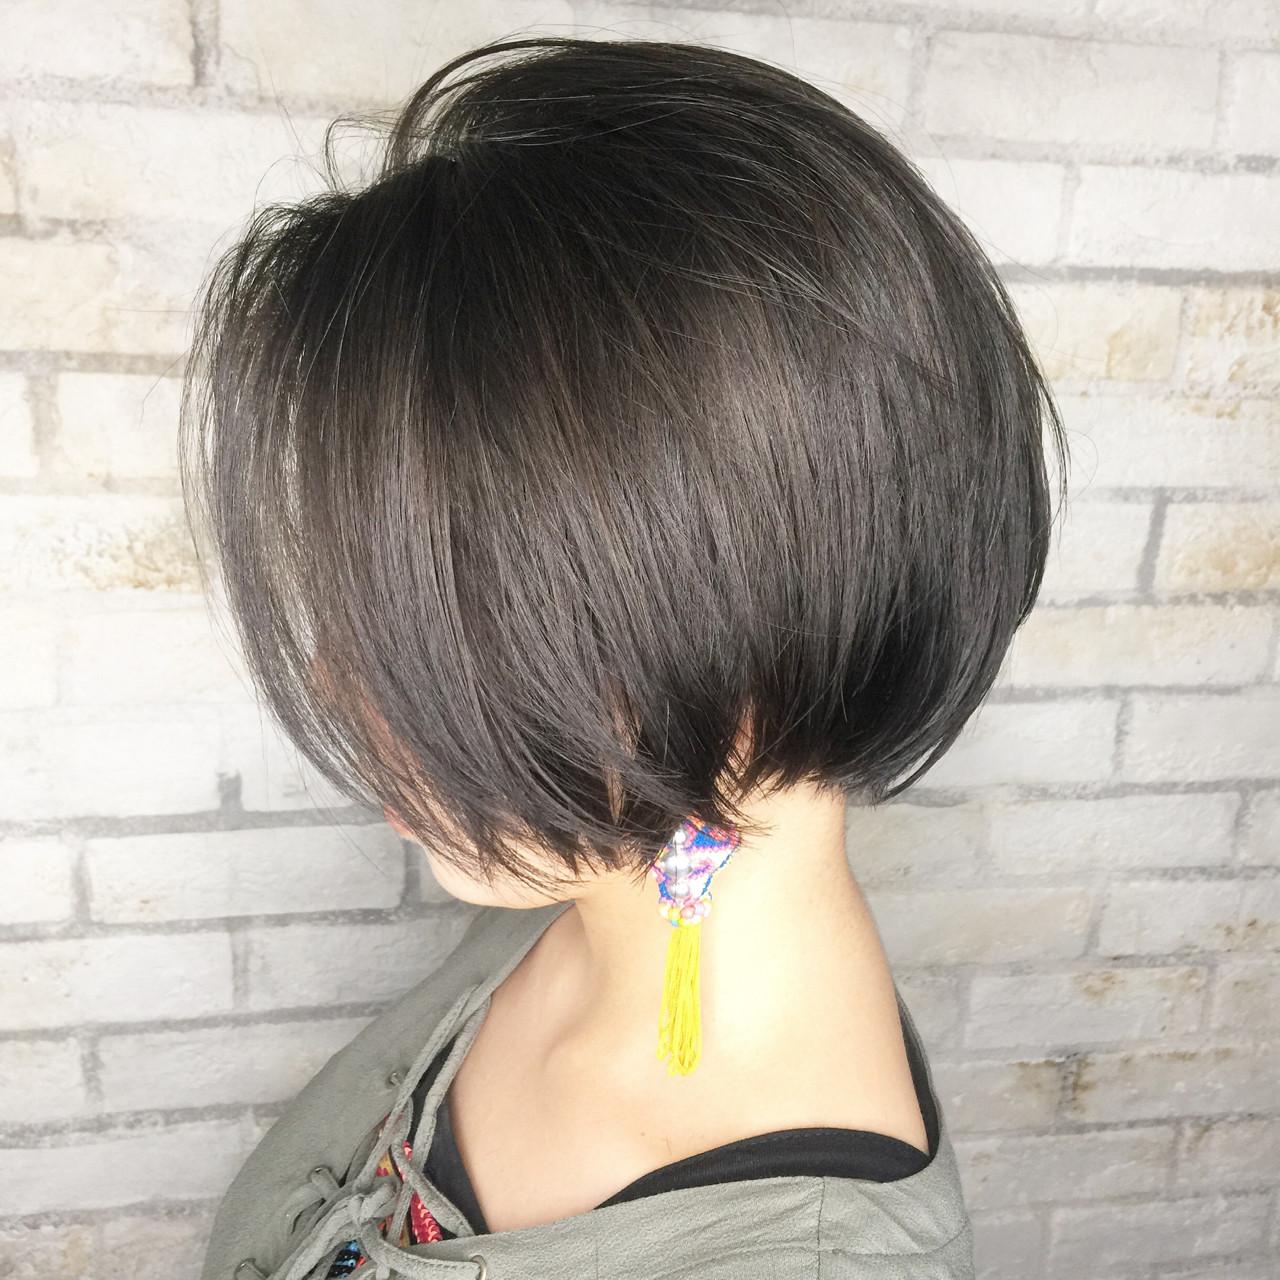 グラデーションカラー ガーリー 外国人風 ボブ ヘアスタイルや髪型の写真・画像